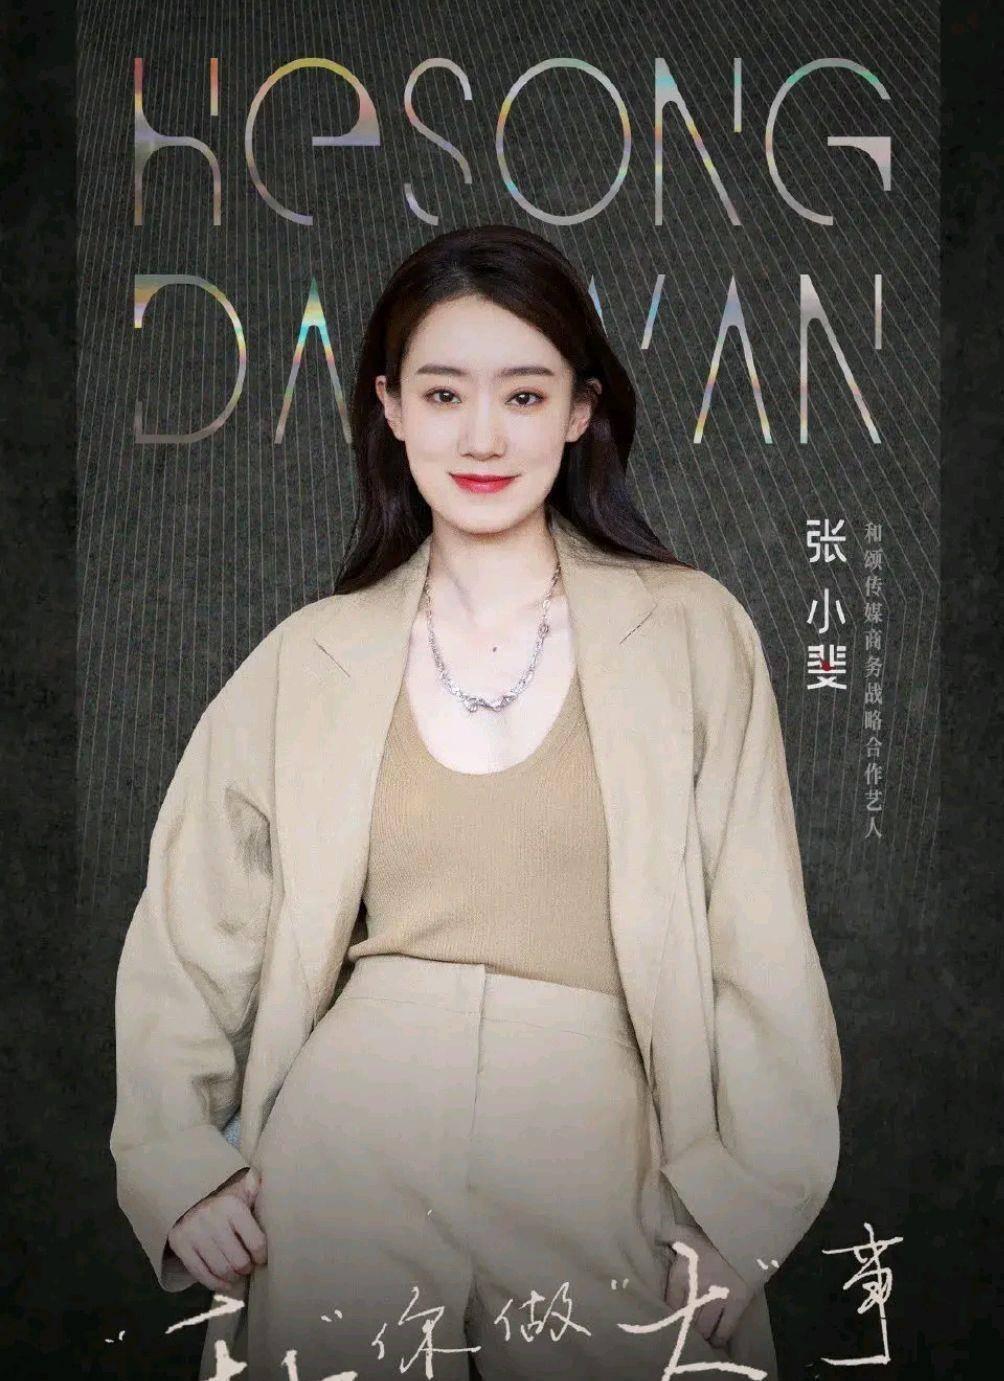 张小斐签约和颂传媒,和赵丽颖成为同事,成了李冰冰旗下艺人!